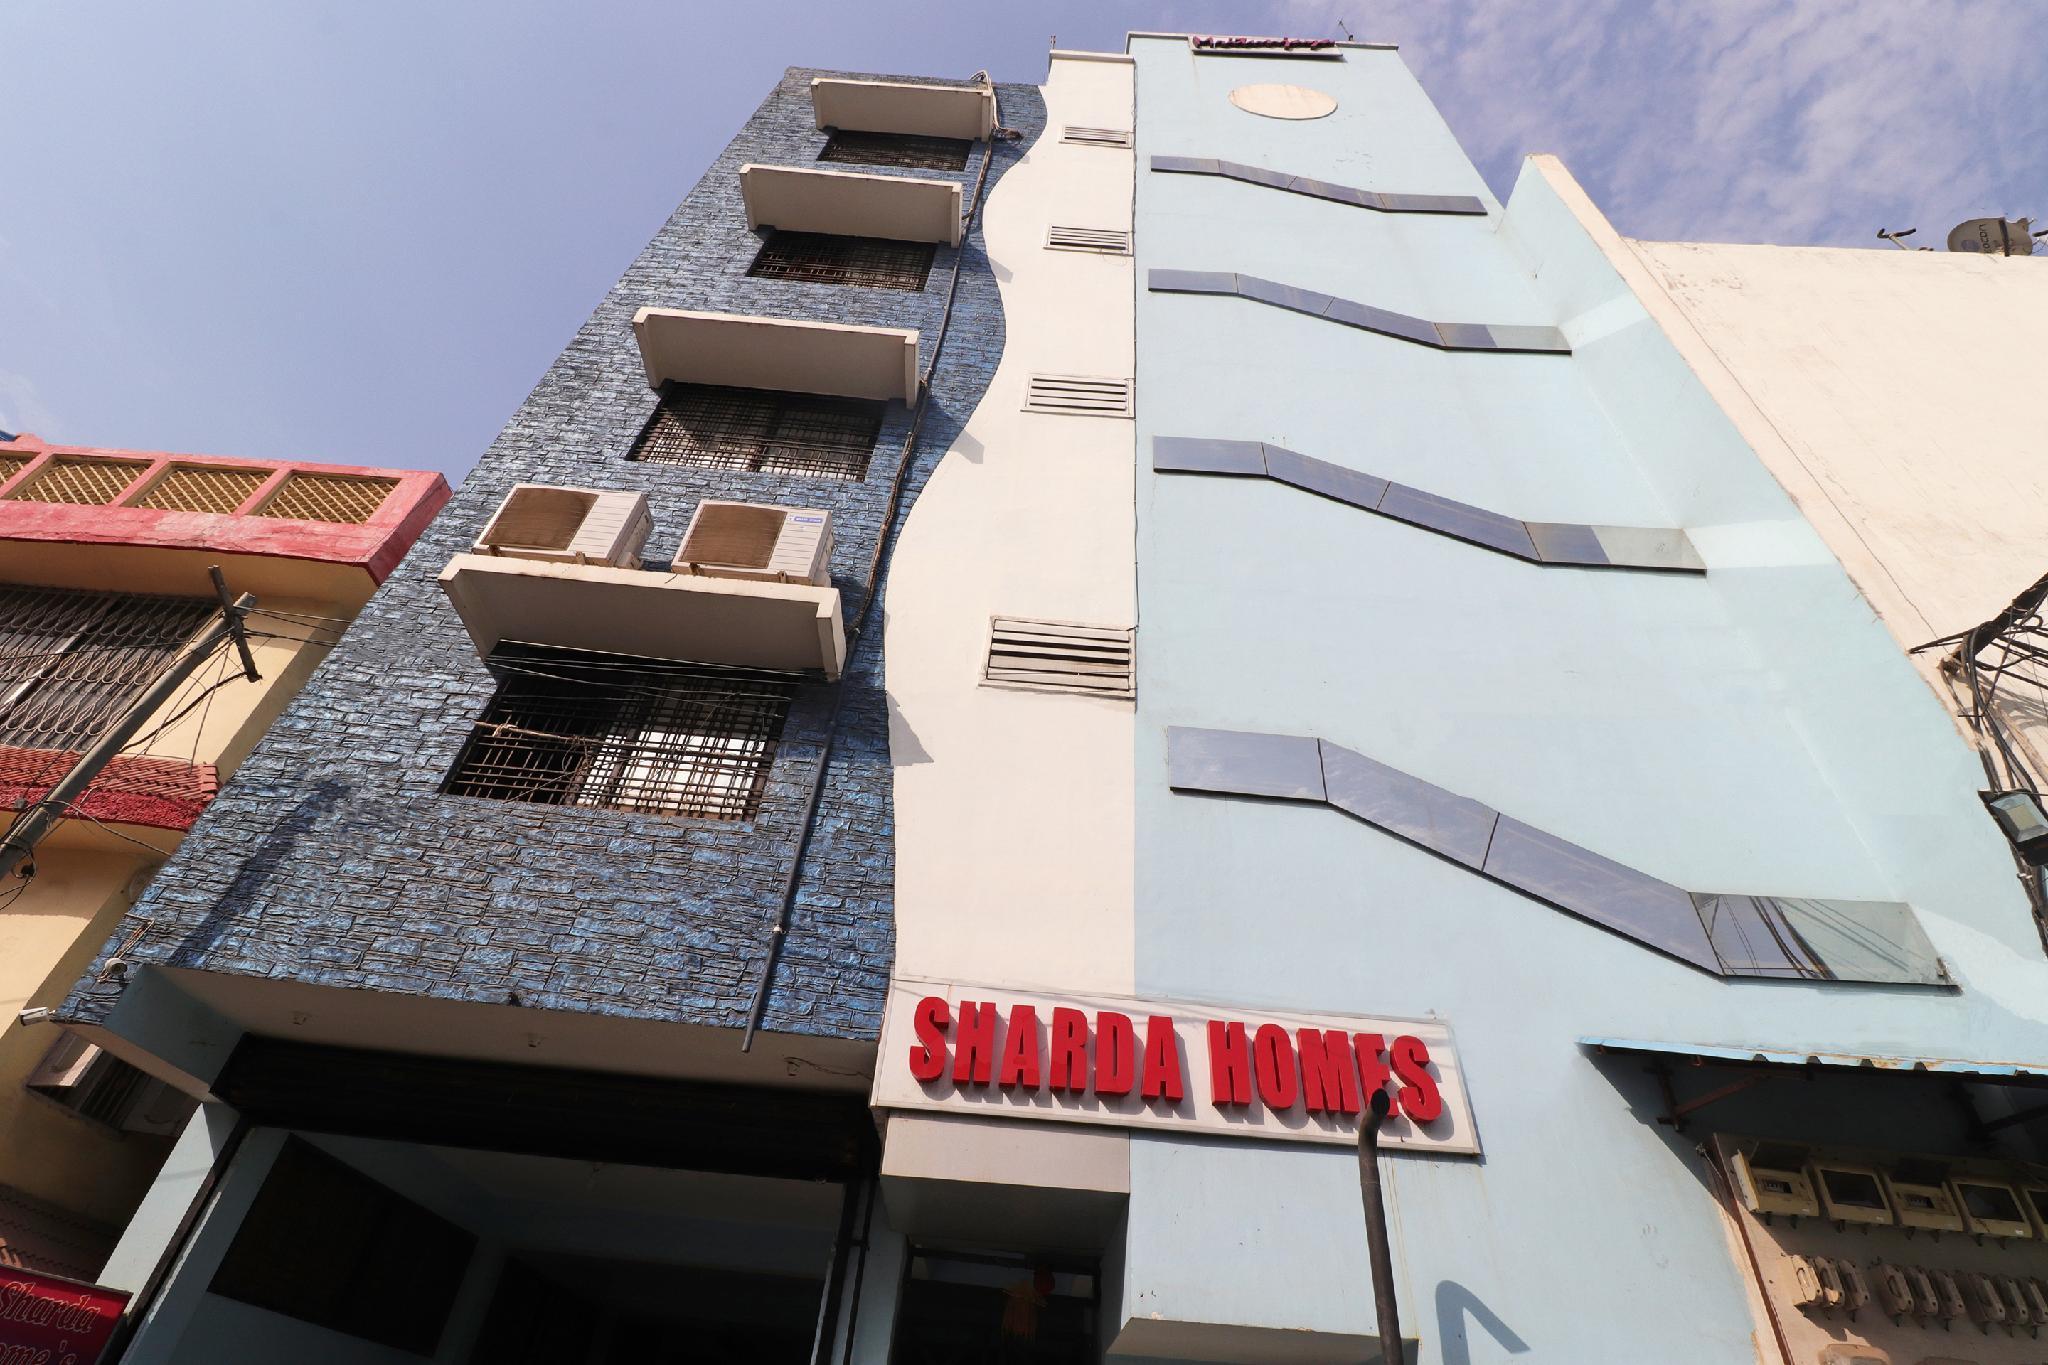 OYO Home 25068 Sharda Homes